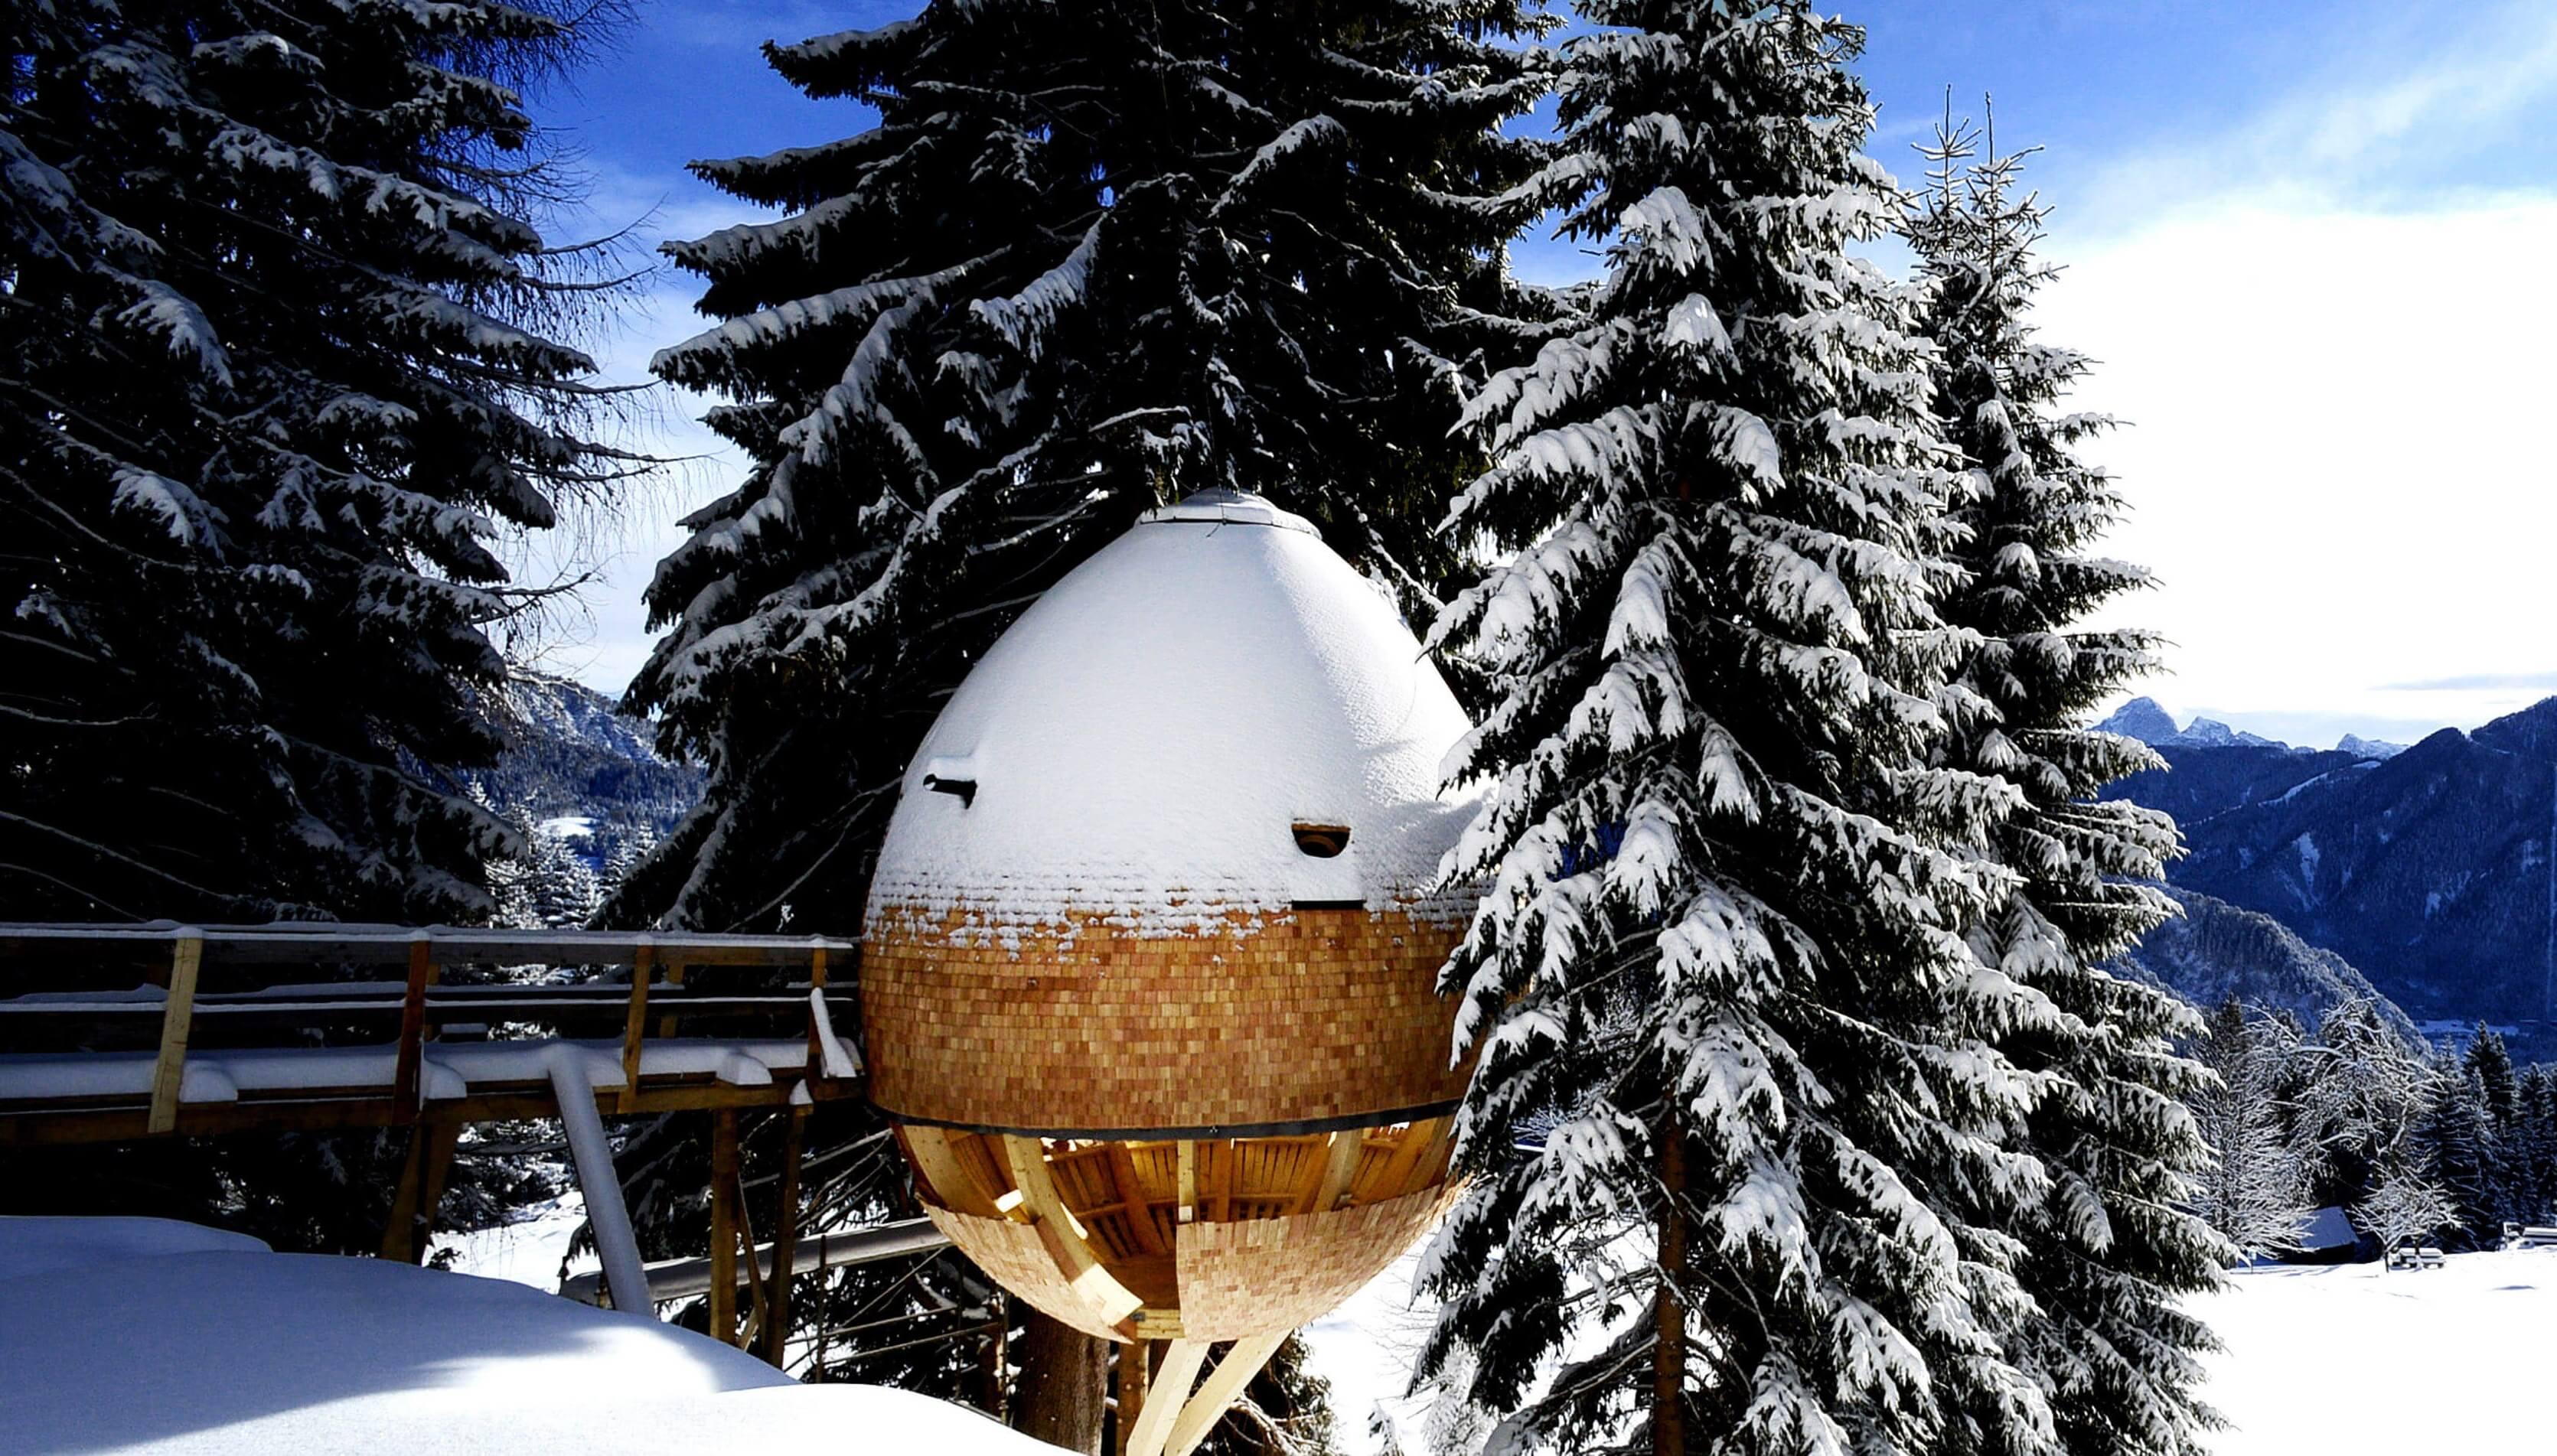 Яйцеобразный дом на дереве, фото 1